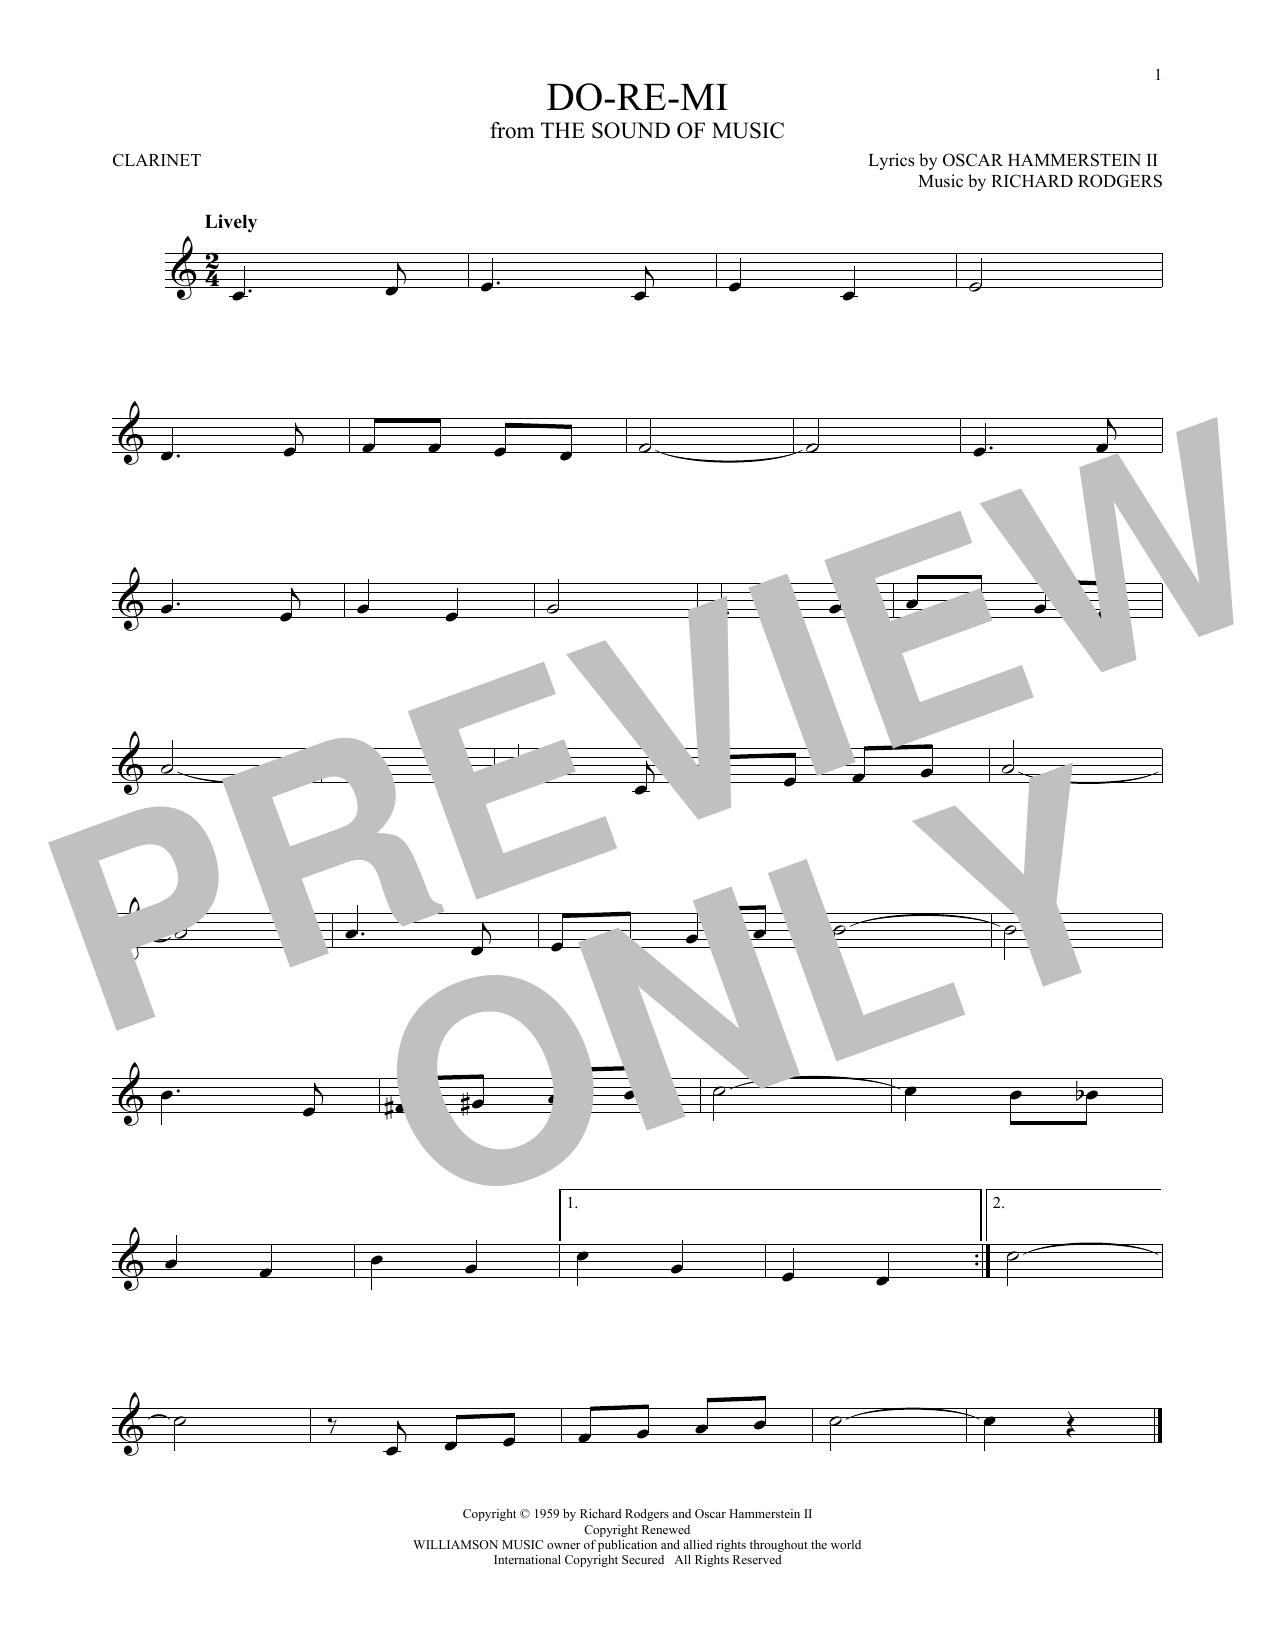 Do-Re-Mi (Clarinet Solo)